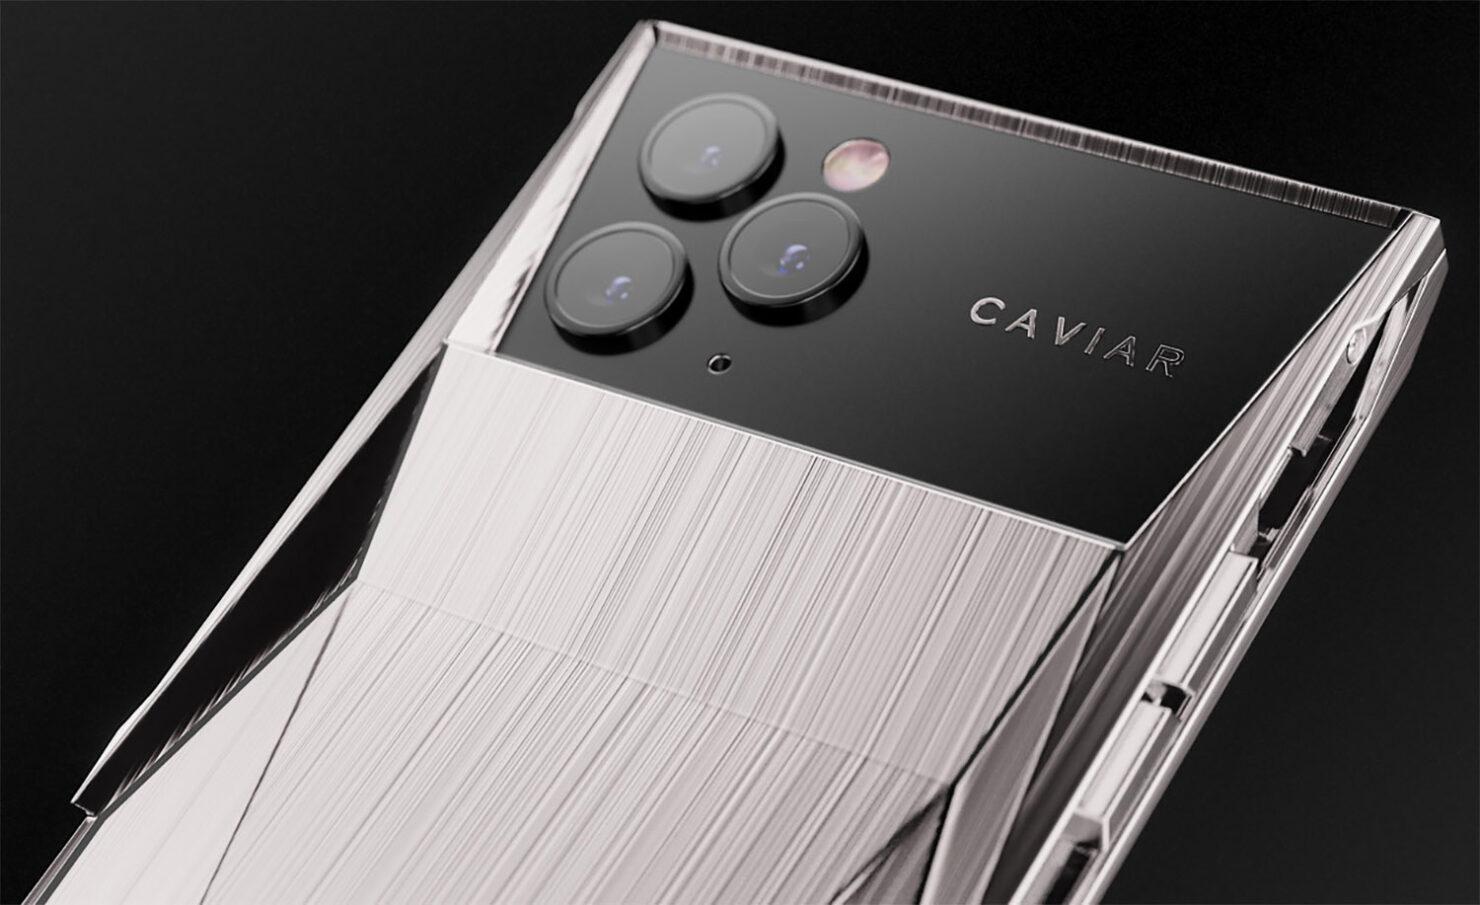 Caviar iPhone 11 Pro Max mini tesla cybertrucks